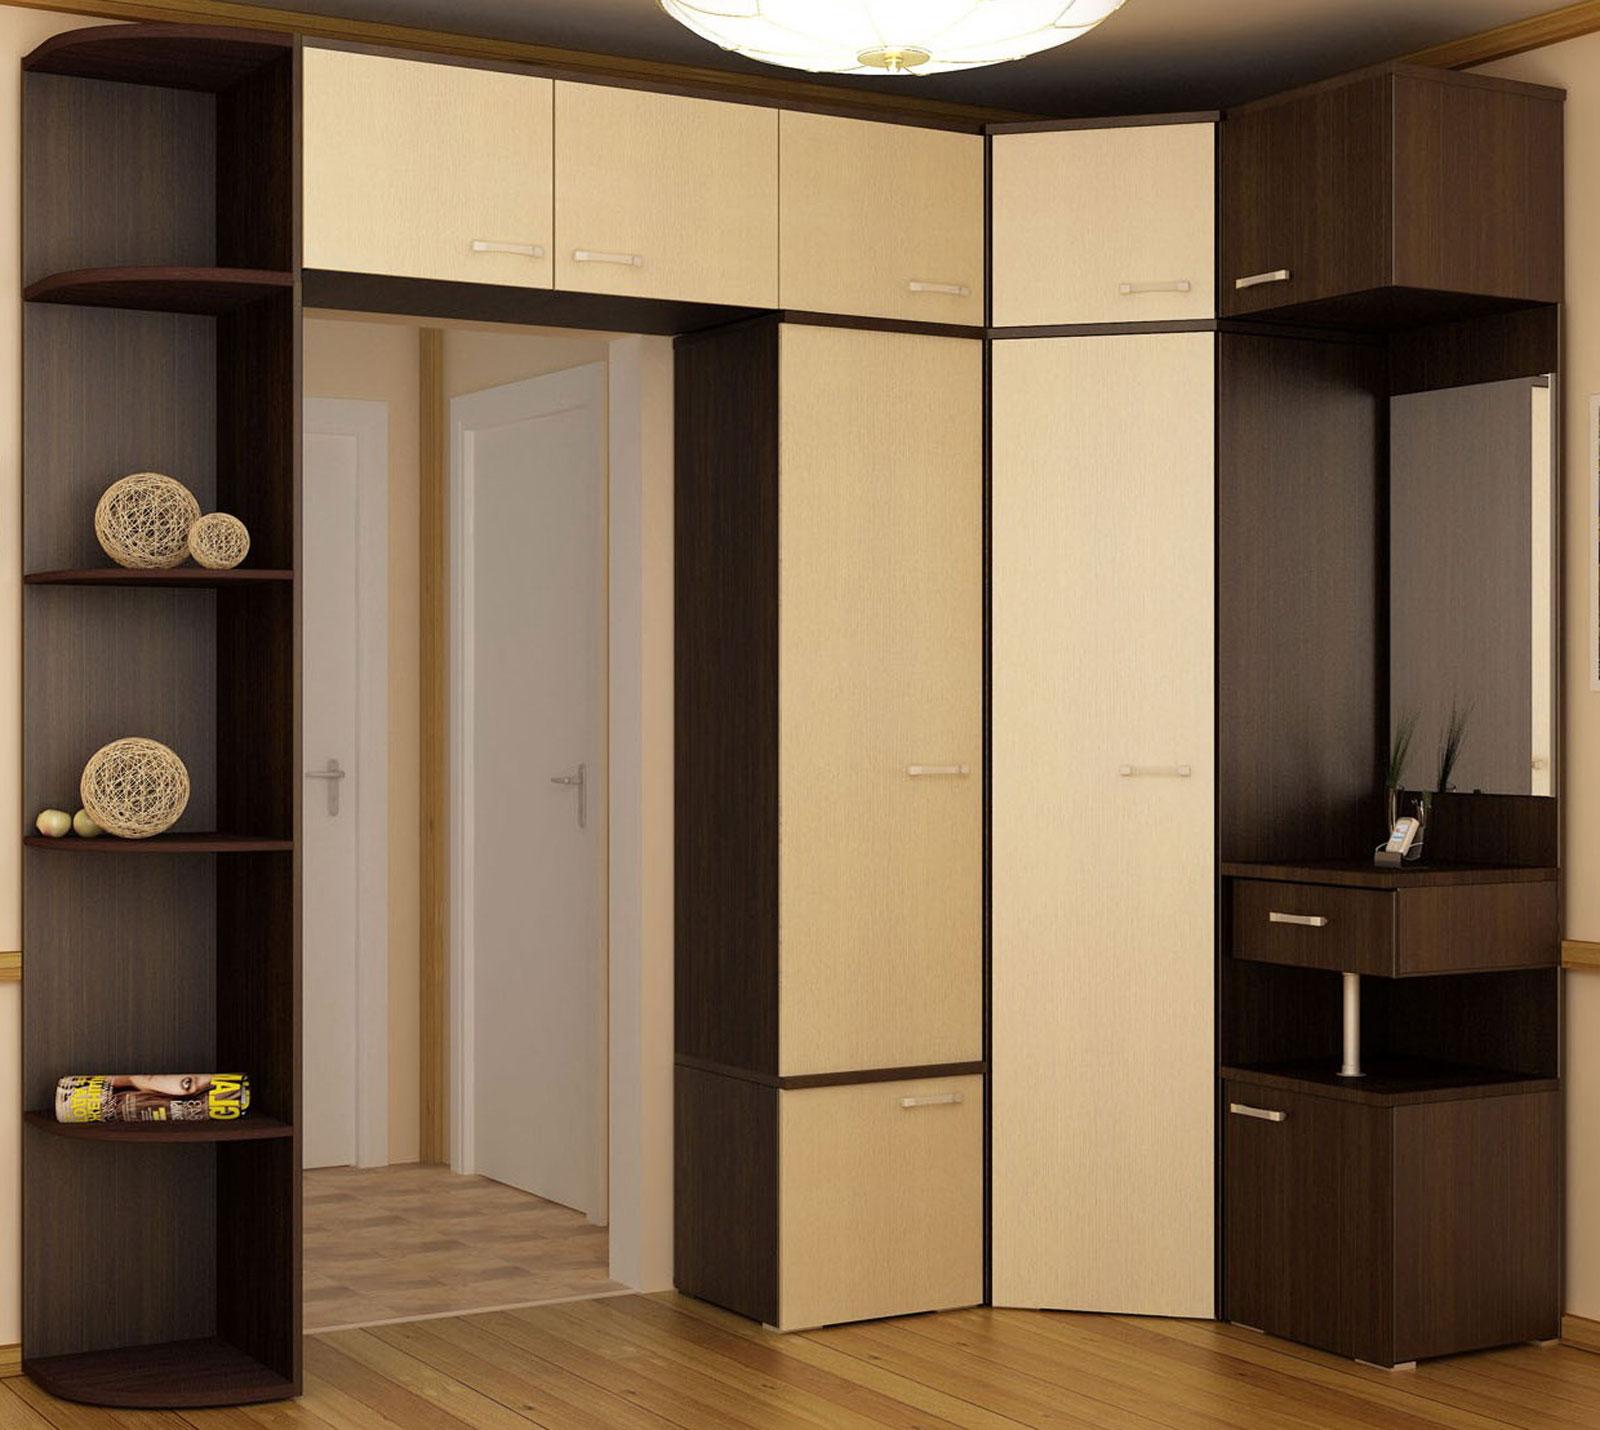 Прихожие в Ярославле - каталог мебели для прихожей.